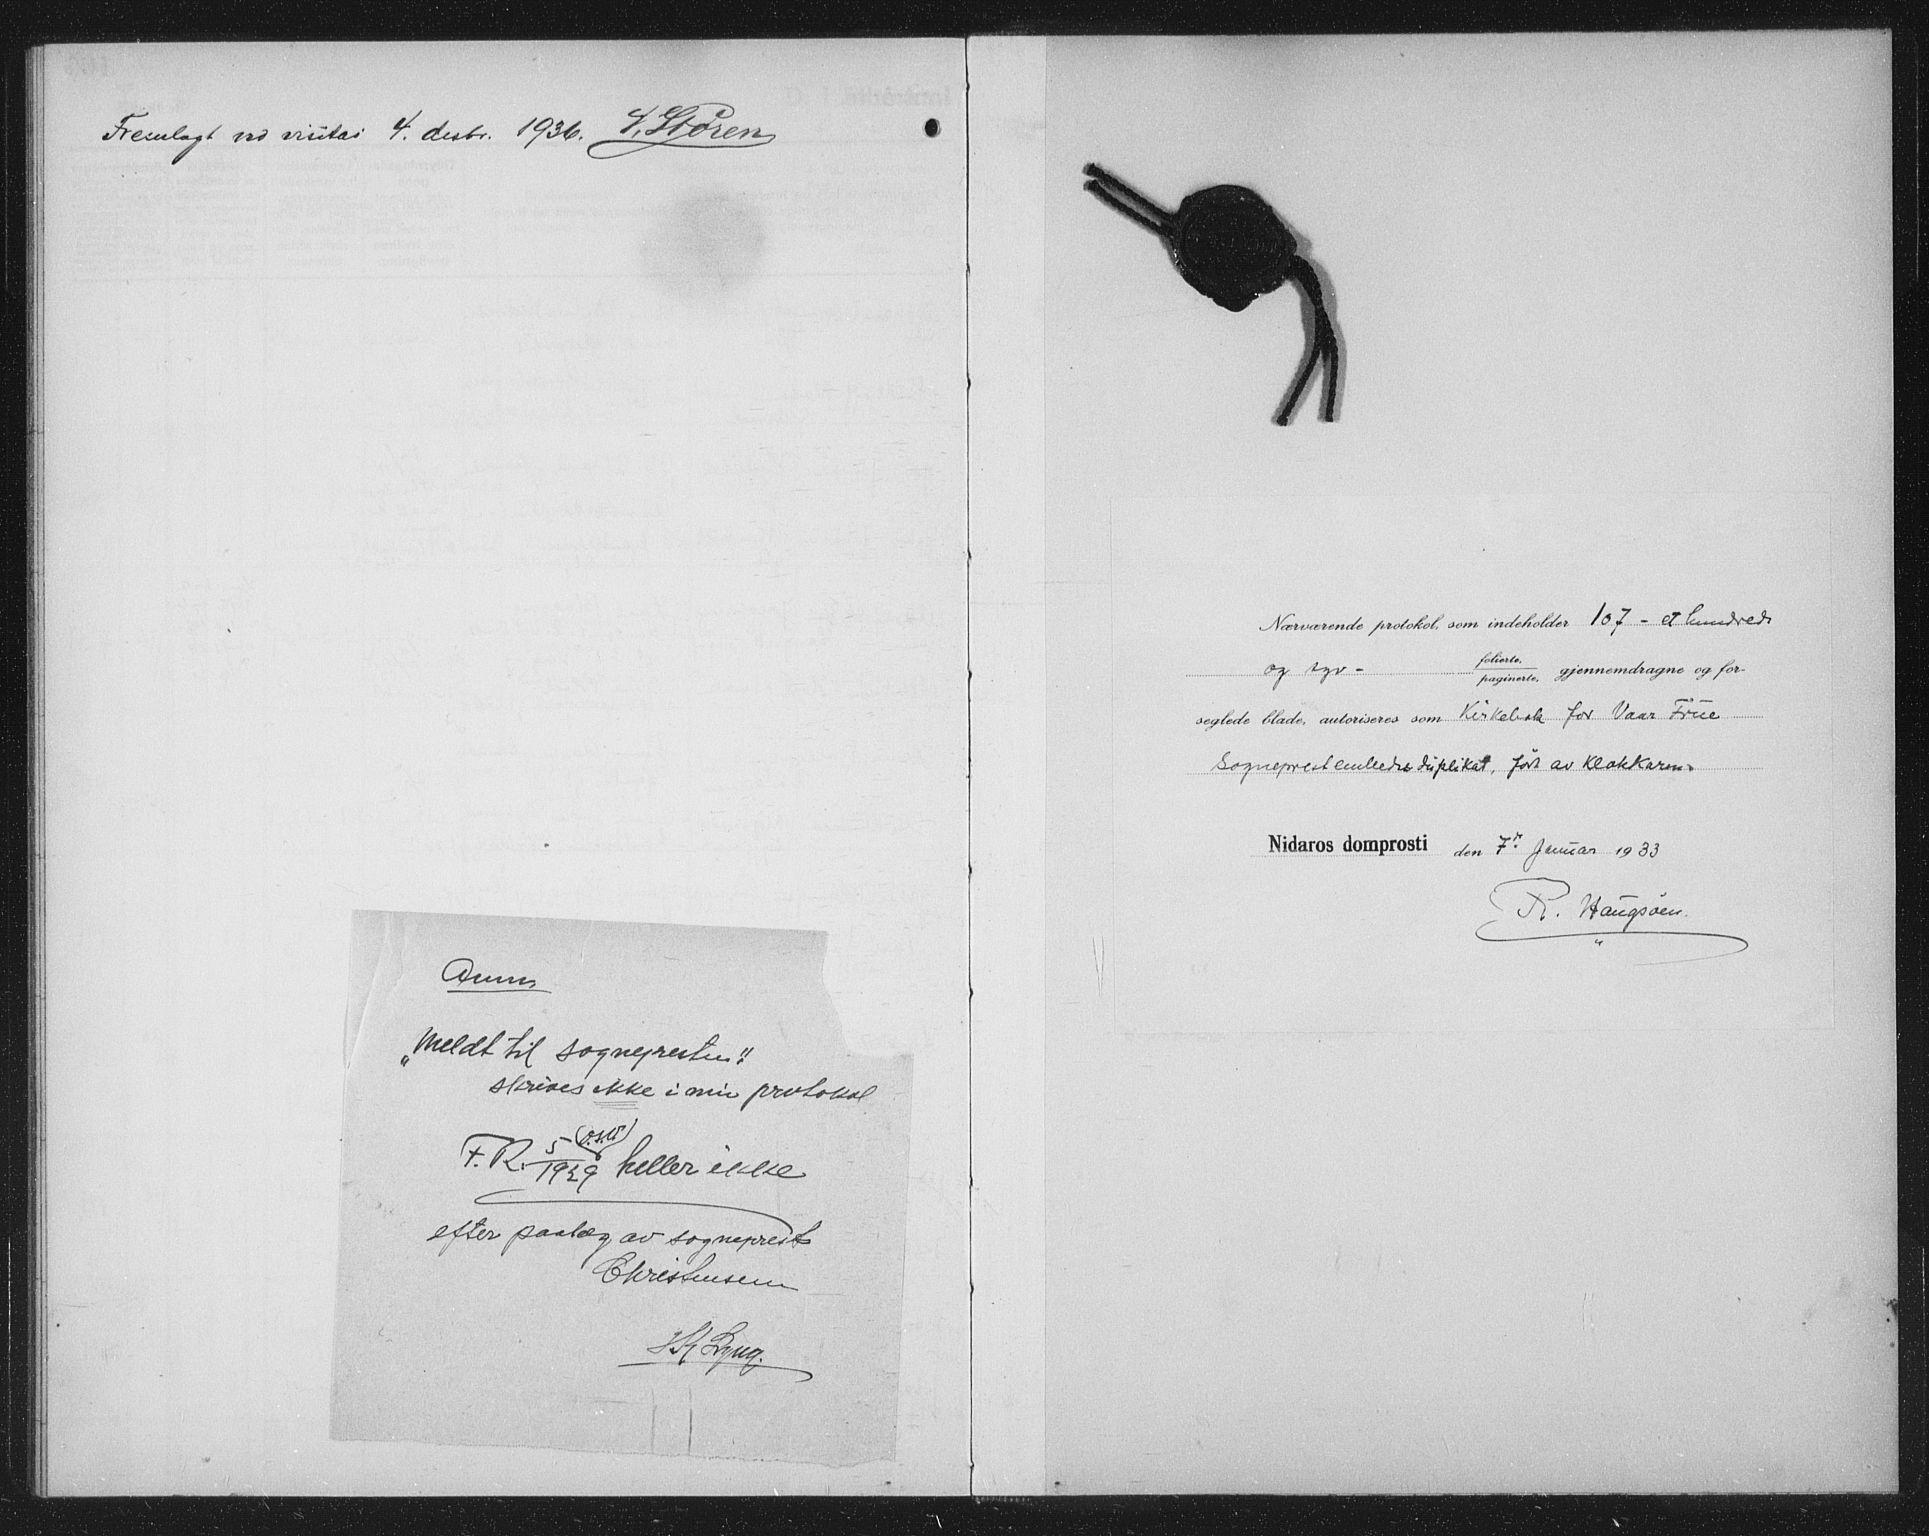 SAT, Ministerialprotokoller, klokkerbøker og fødselsregistre - Sør-Trøndelag, 602/L0152: Klokkerbok nr. 602C20, 1933-1940